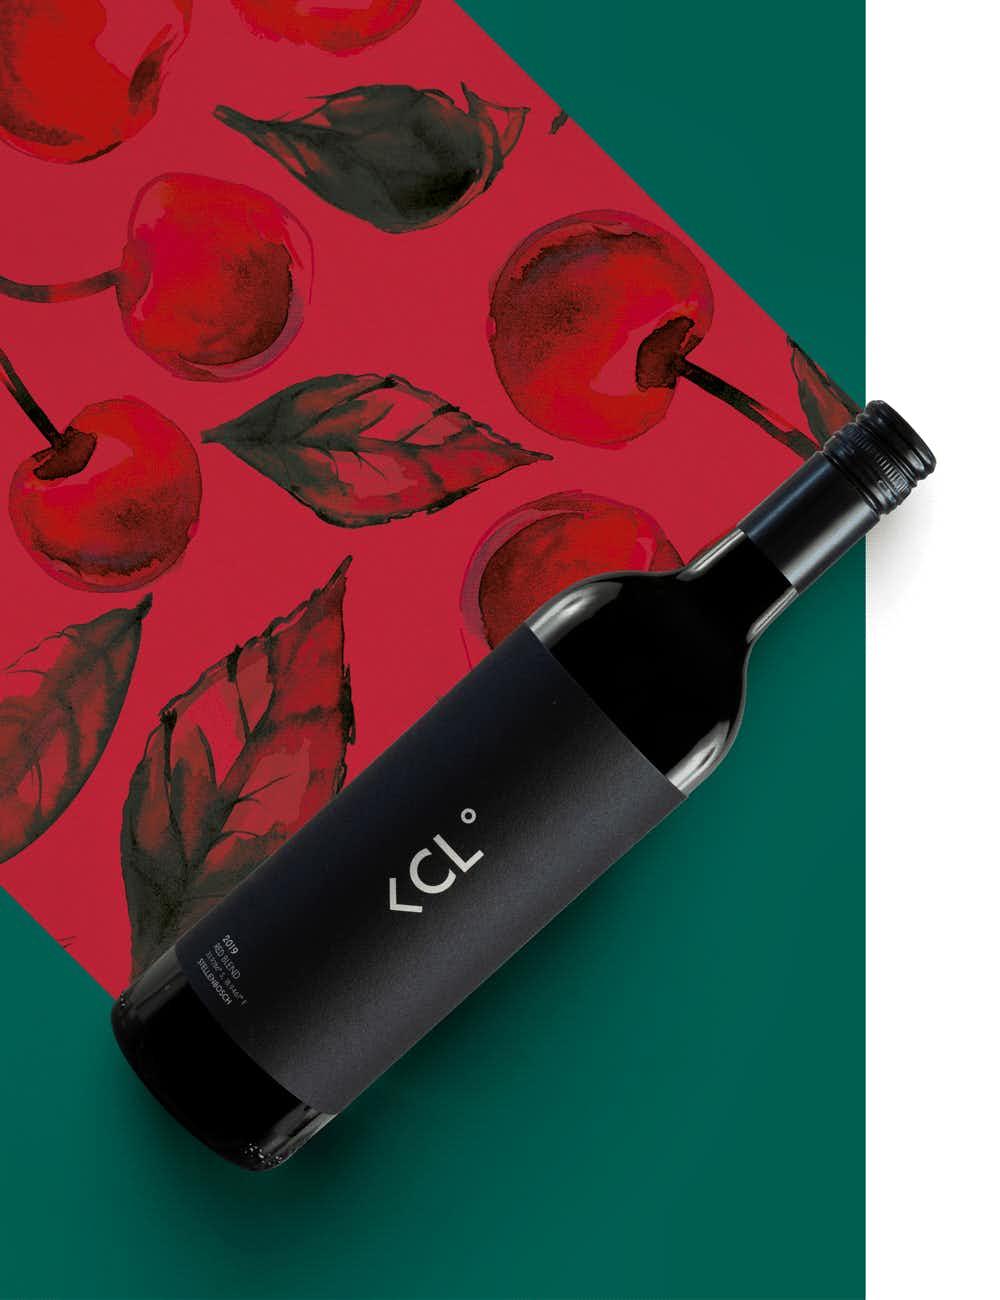 Oldenburg Vineyards CL° Red Blend 2019